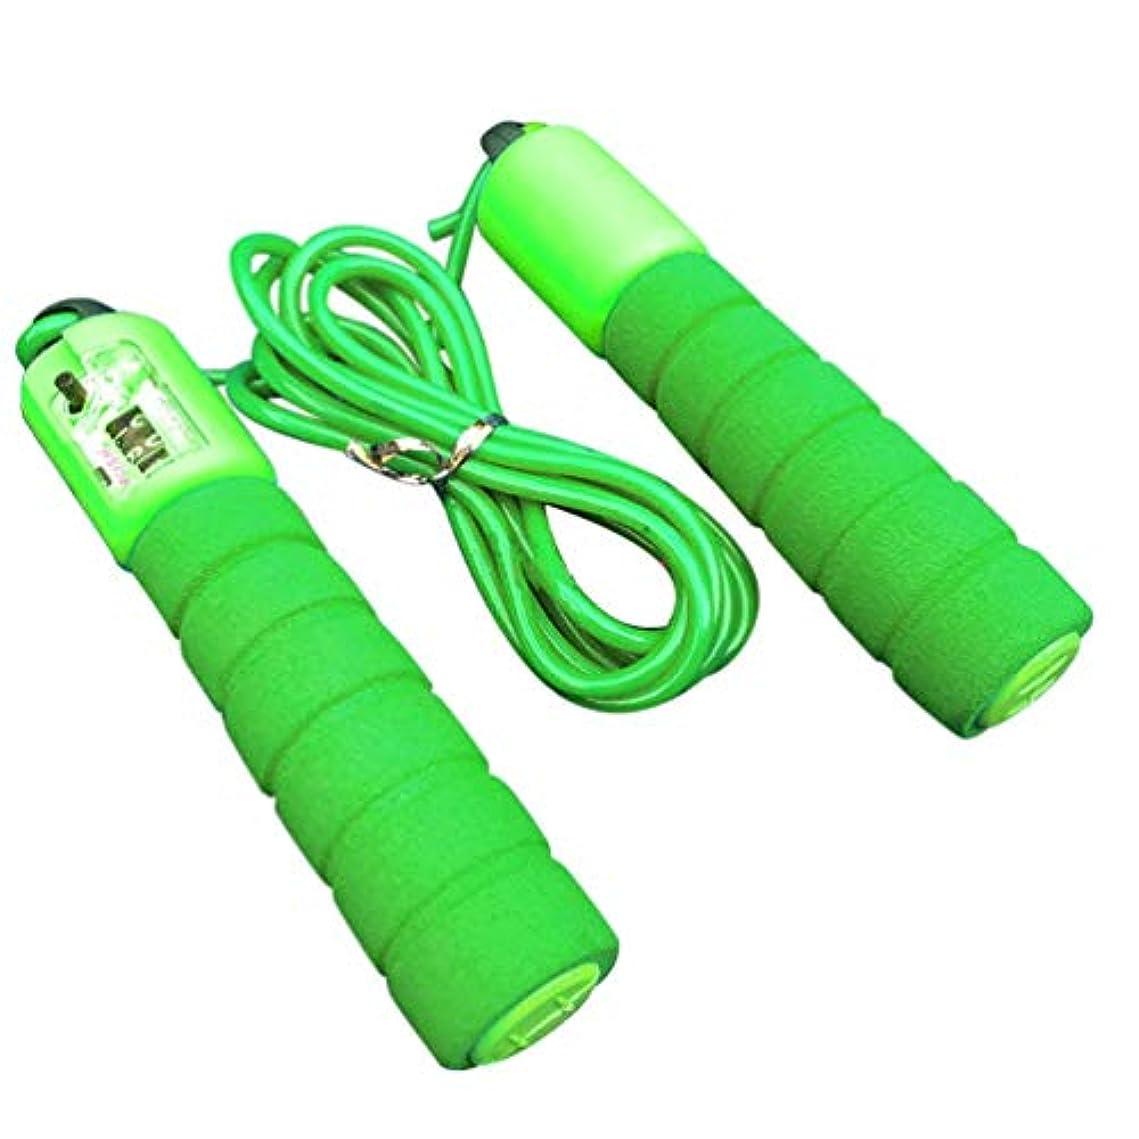 調整ゆりフェードアウト調節可能なプロフェッショナルカウント縄跳び自動カウントジャンプロープフィットネス運動高速カウントジャンプロープ - グリーン